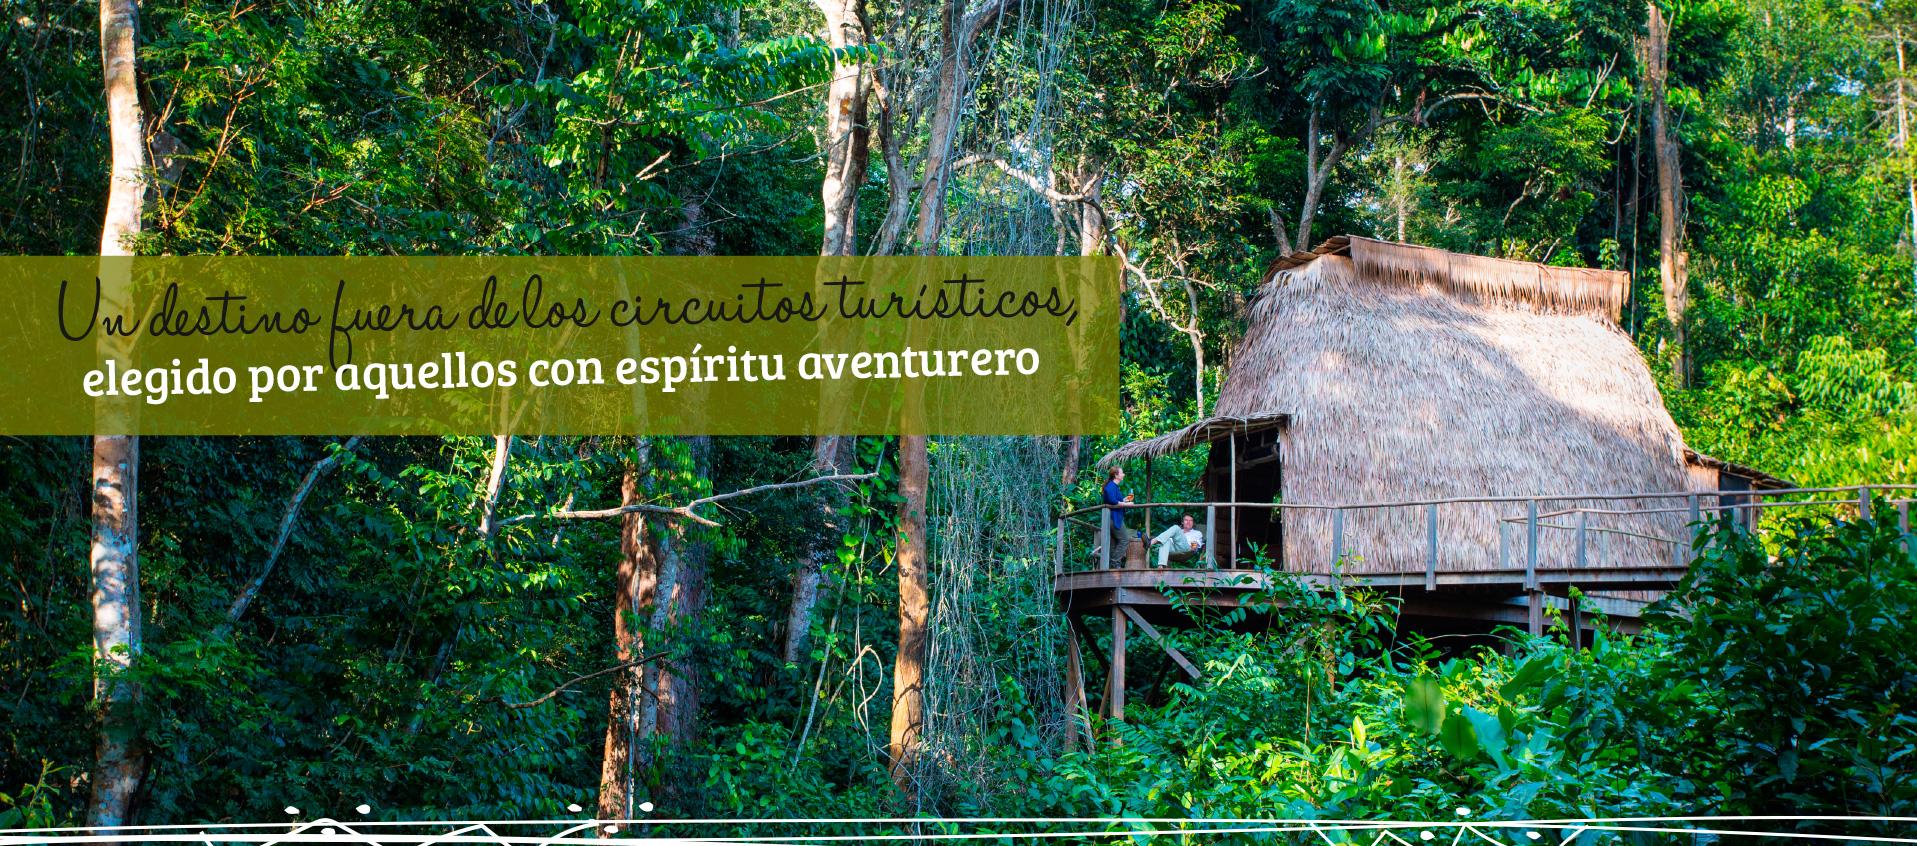 Un destino fuera de los circuito turísticos, elegido por aquellos con espíritu aventurero.